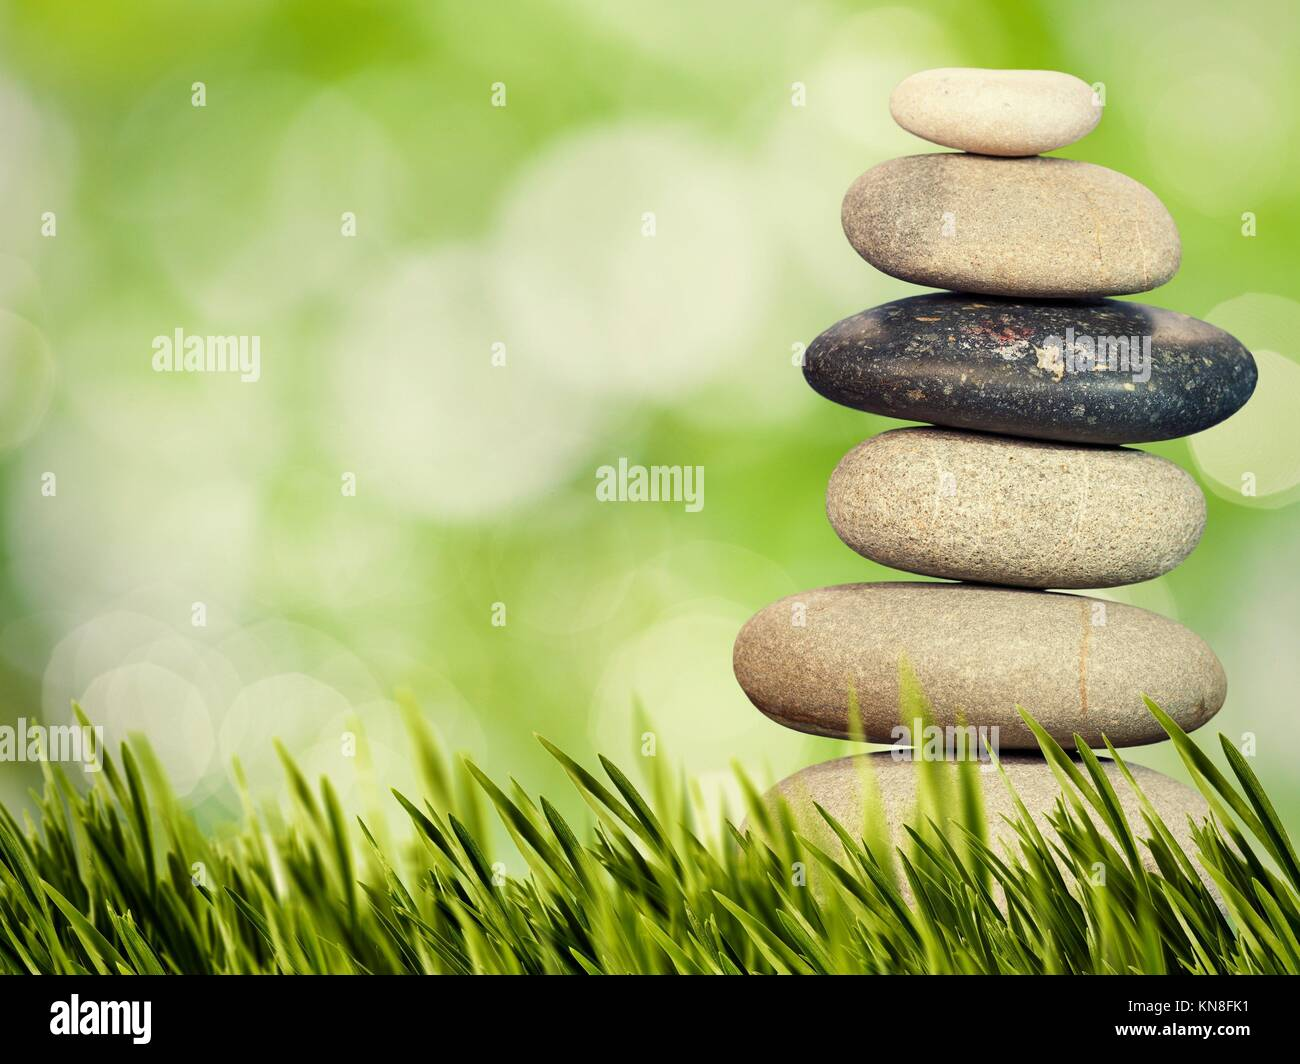 Bienestar, Salud y armonía natural concepto. Resumen Antecedentes naturales. Imagen De Stock